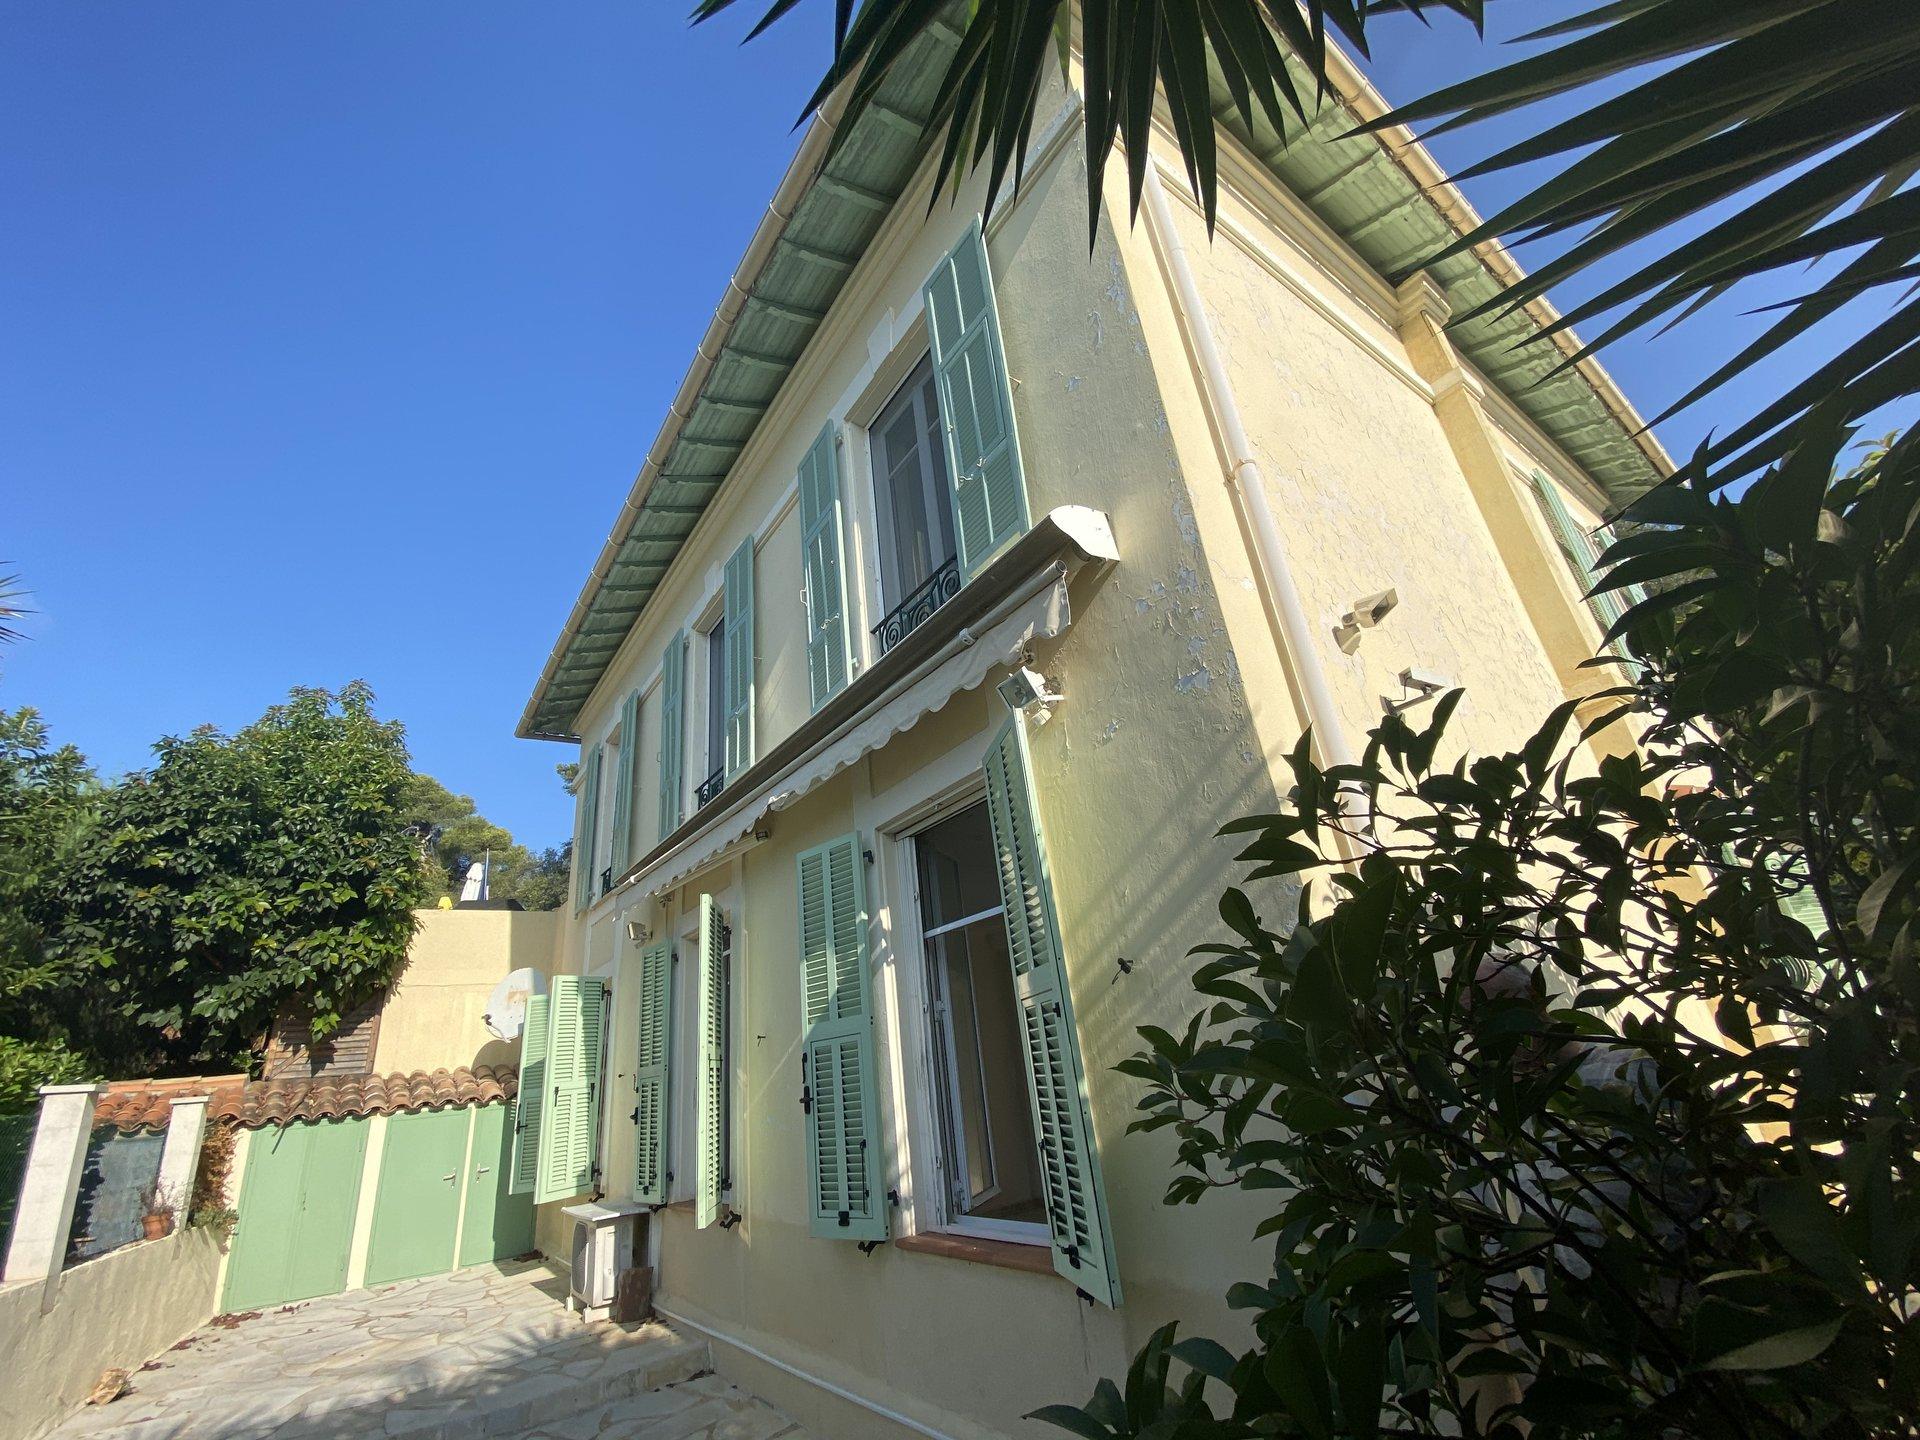 Verkauf Wohnung - Nizza (Nice) Mont Boron